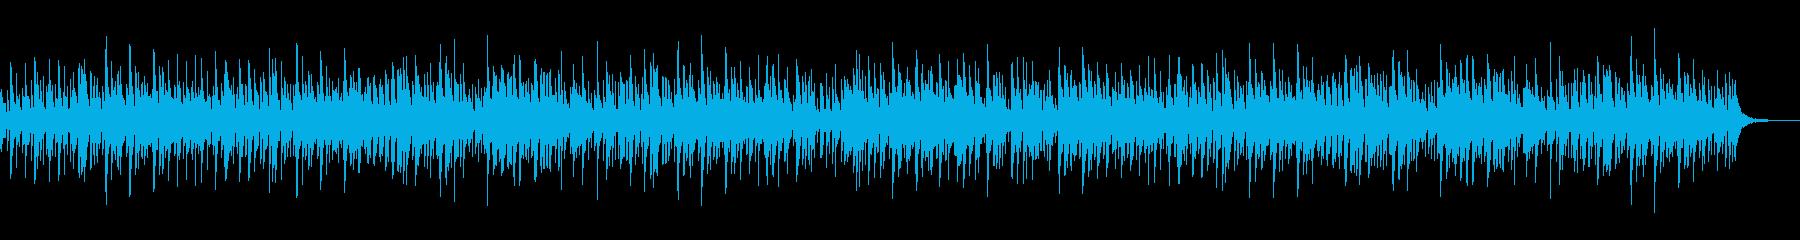 ふんわりと暖かなウィンターワンダーランドの再生済みの波形